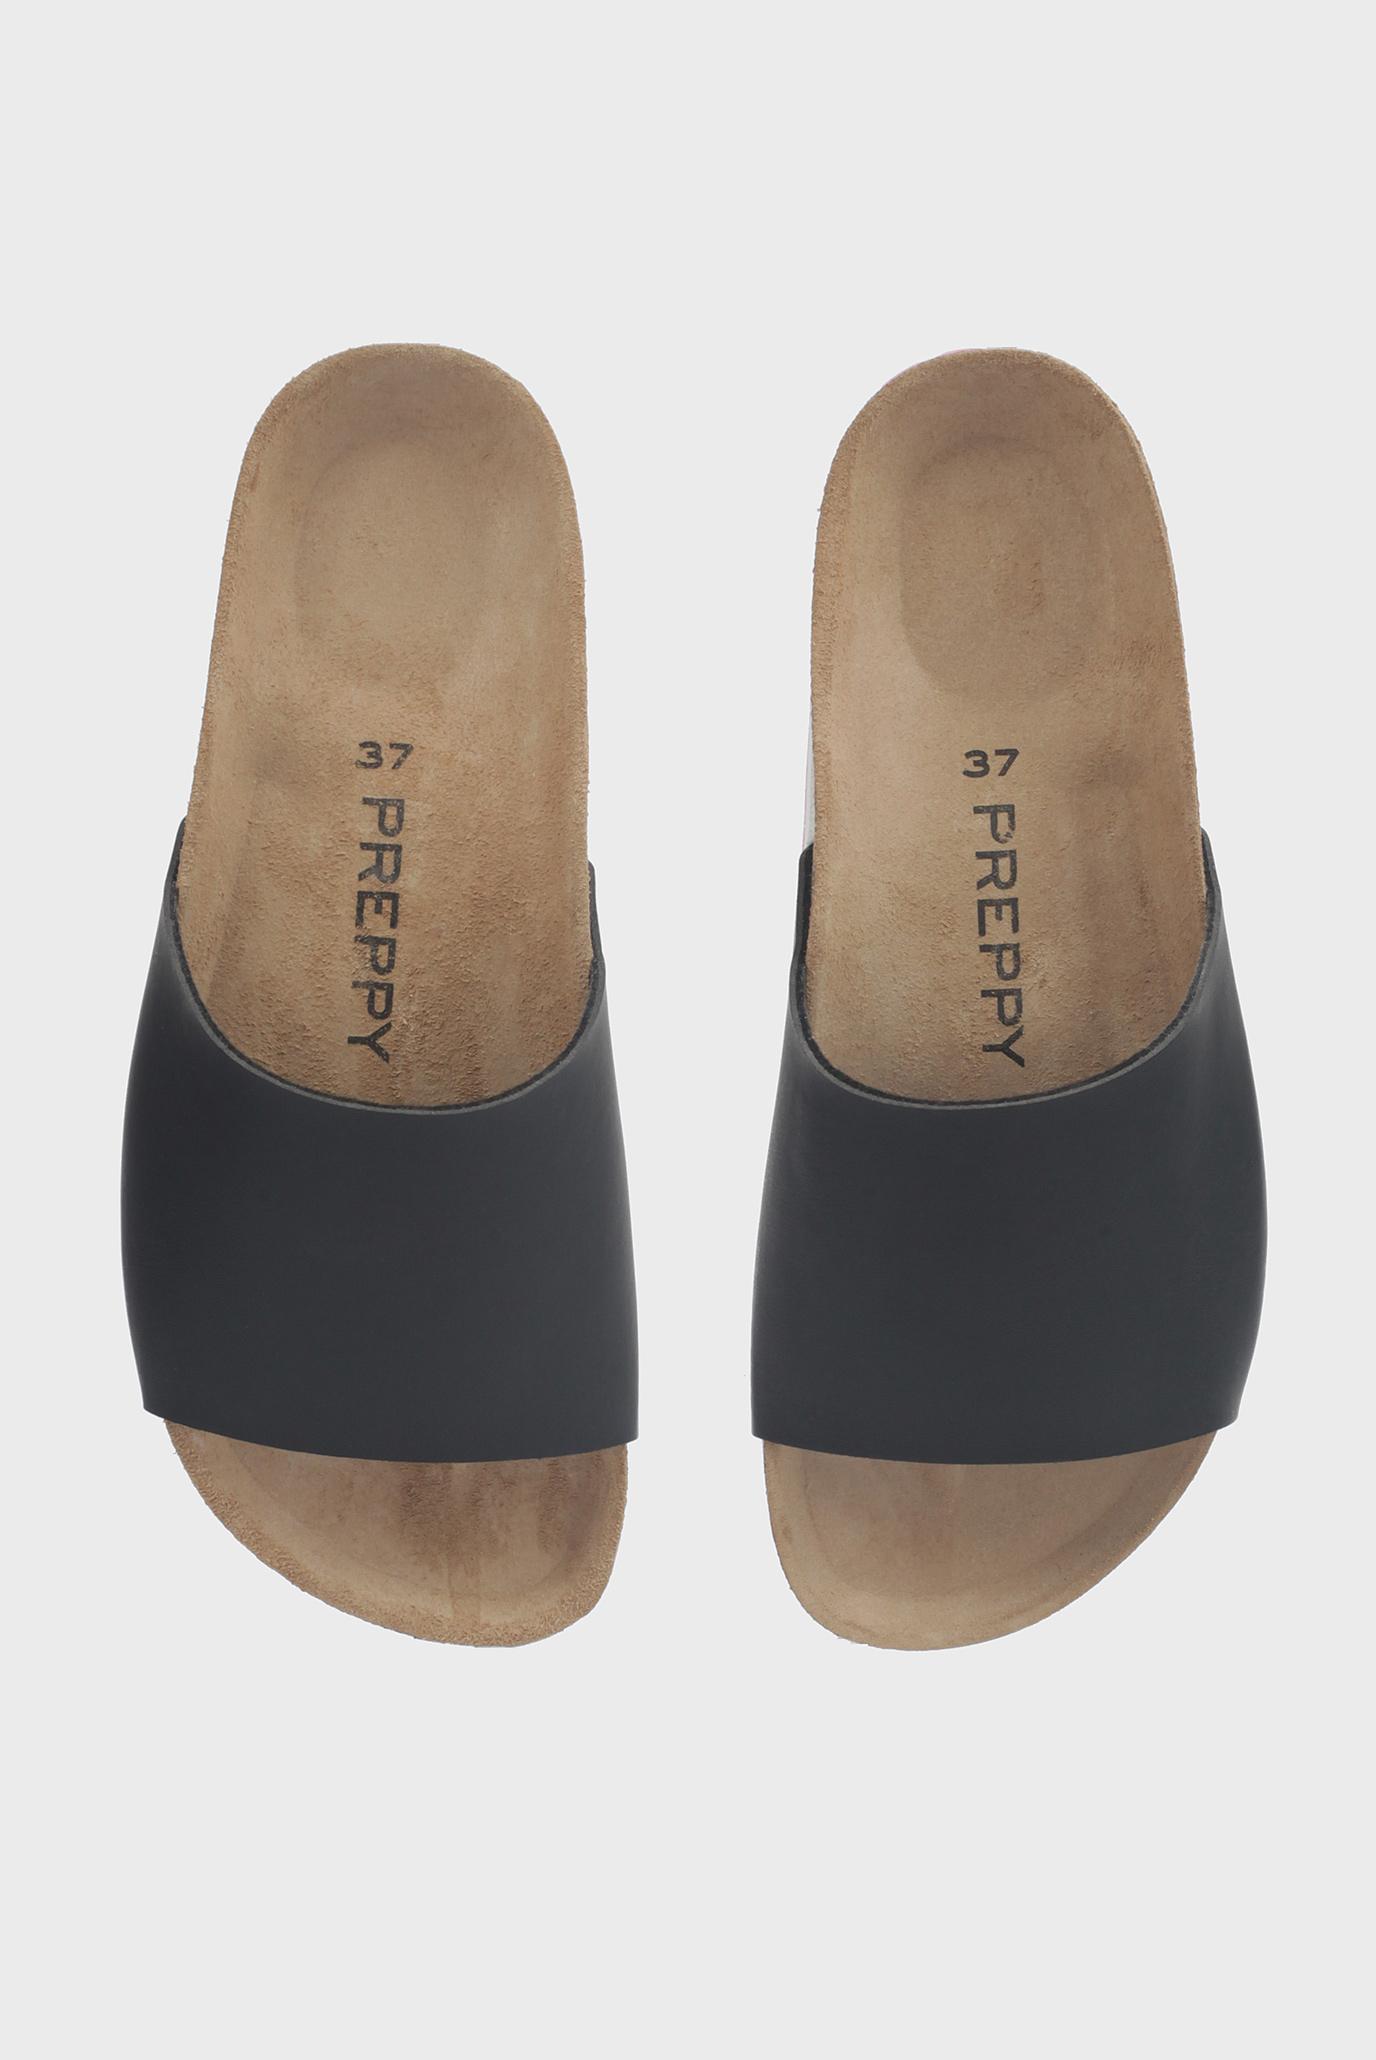 Купить Женские черные слайдеры Preppy Preppy 8.71.8512.419 – Киев, Украина. Цены в интернет магазине MD Fashion